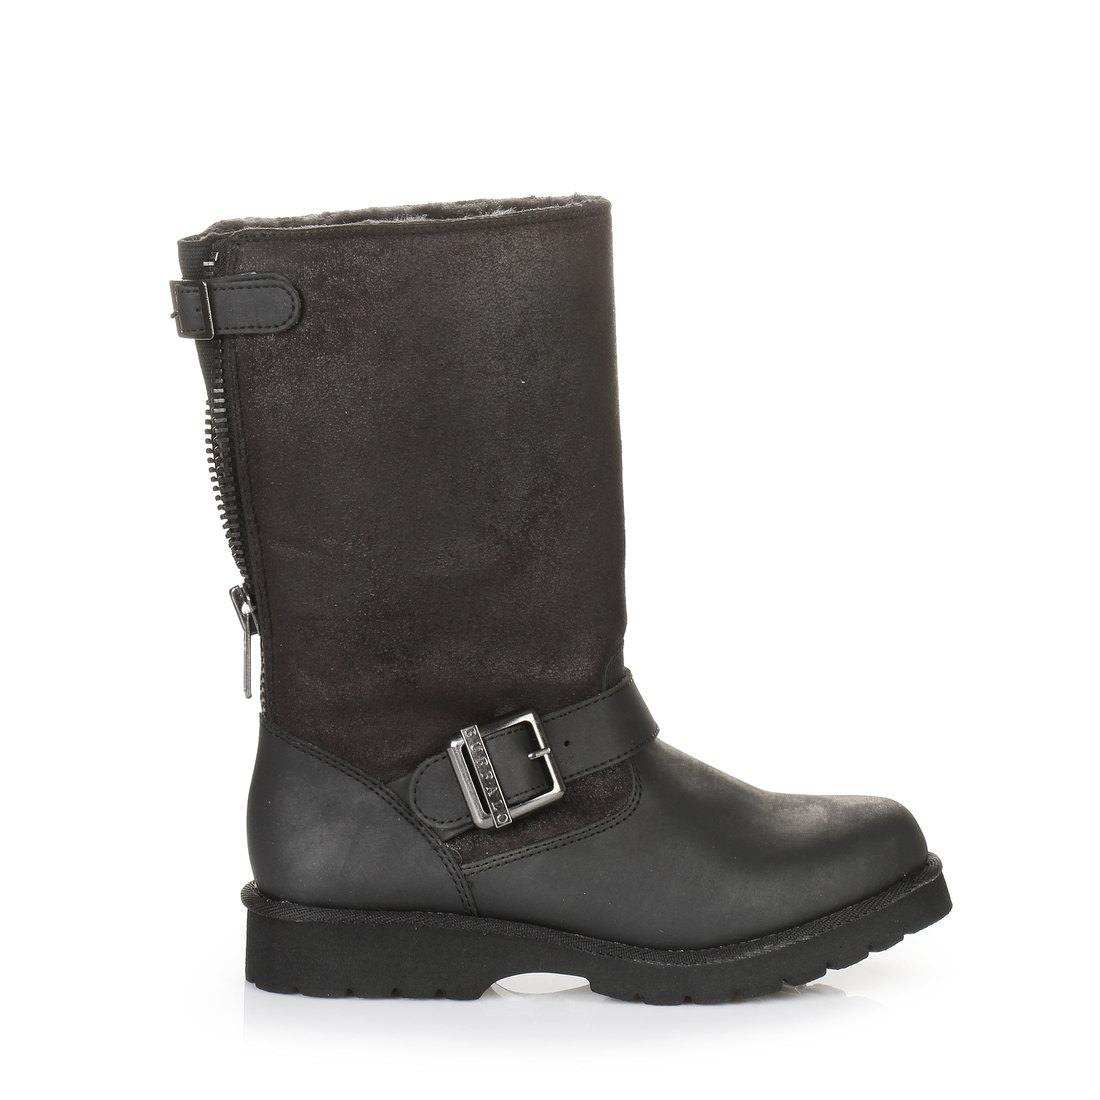 ab4594592d5b Buffalo Biker-Booties in schwarz mit Profilsohle online kaufen ...